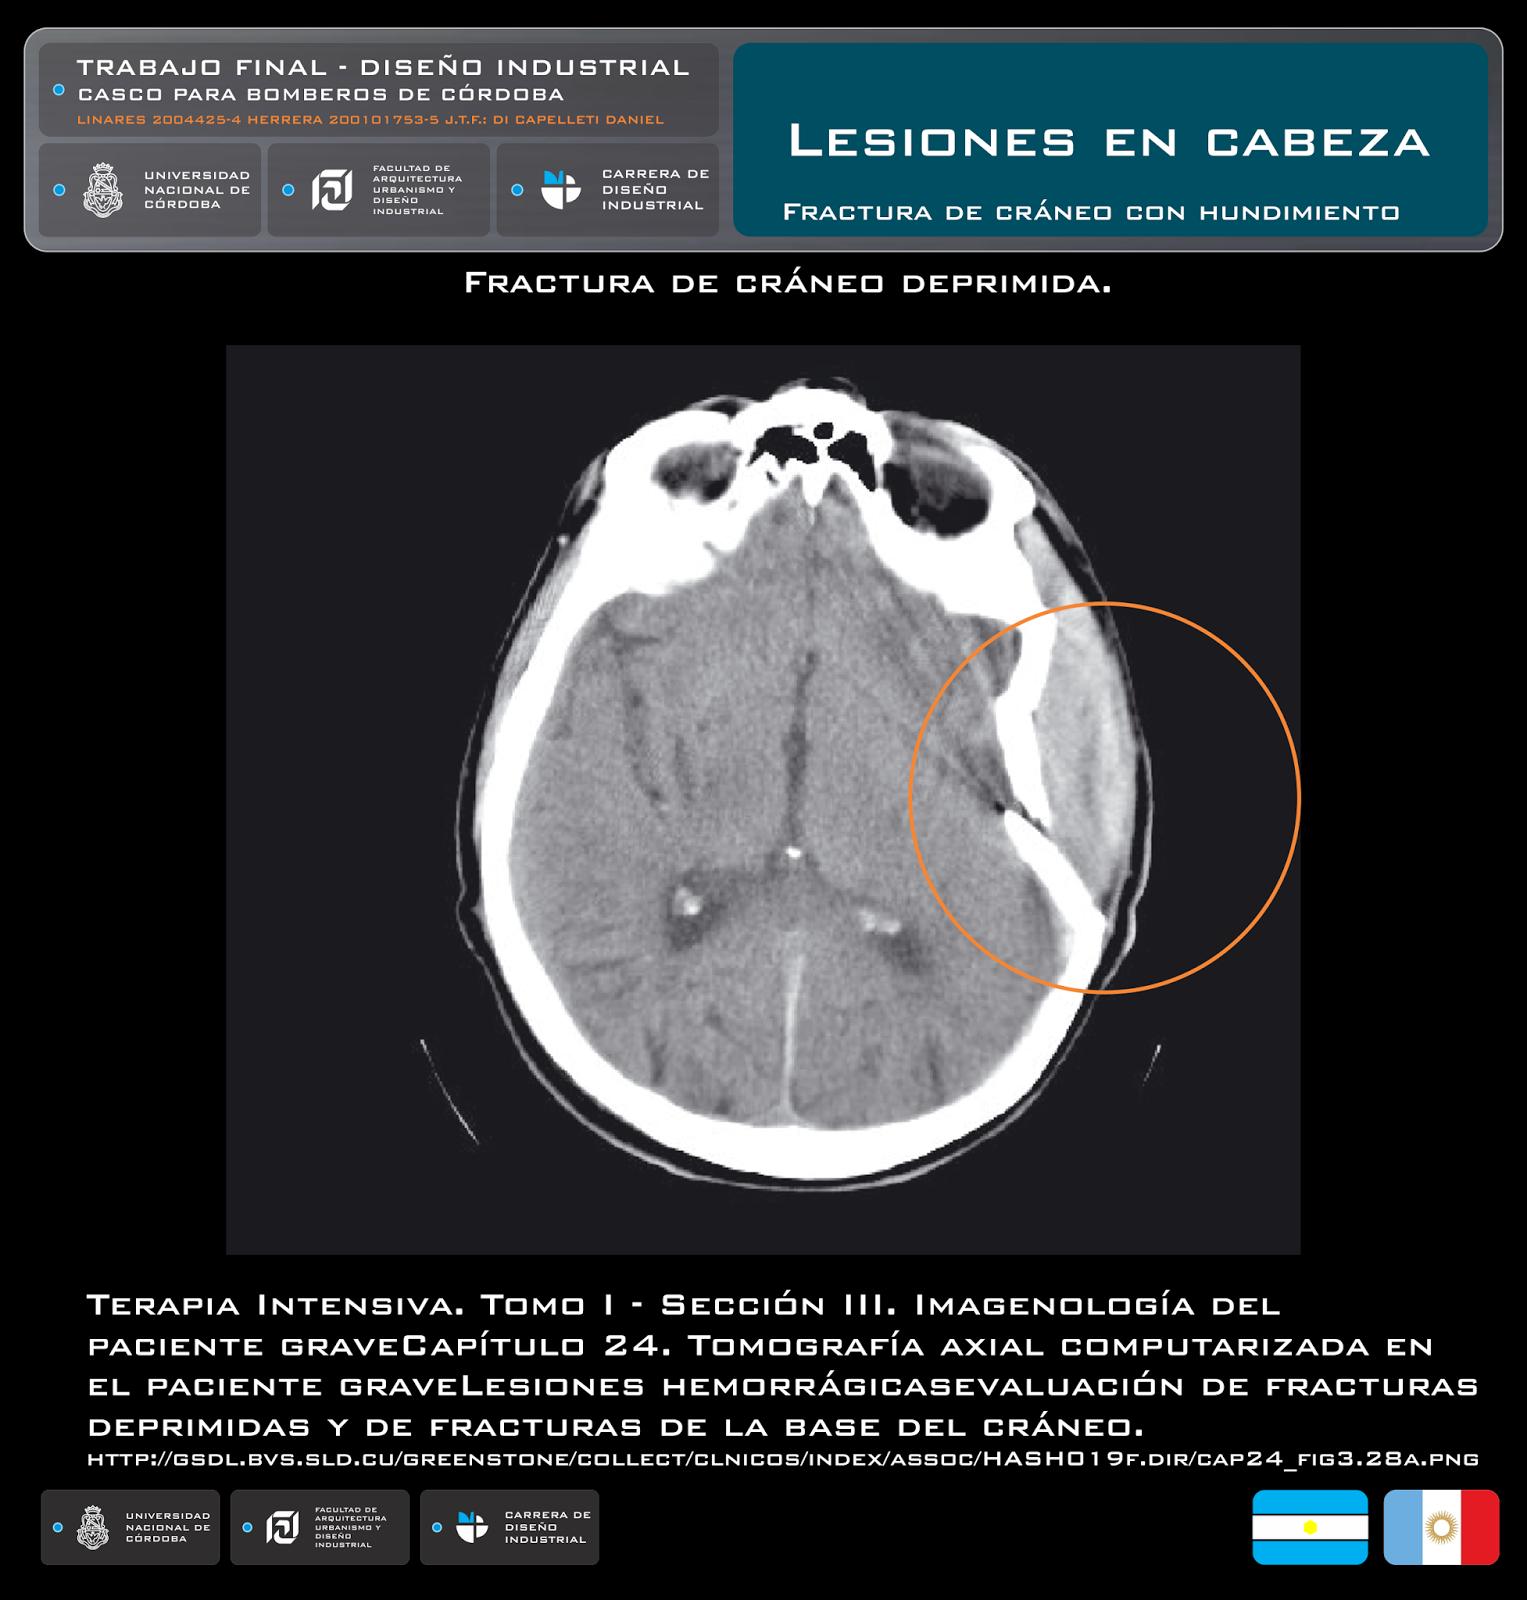 Conmoción cerebral en tomografía computarizada